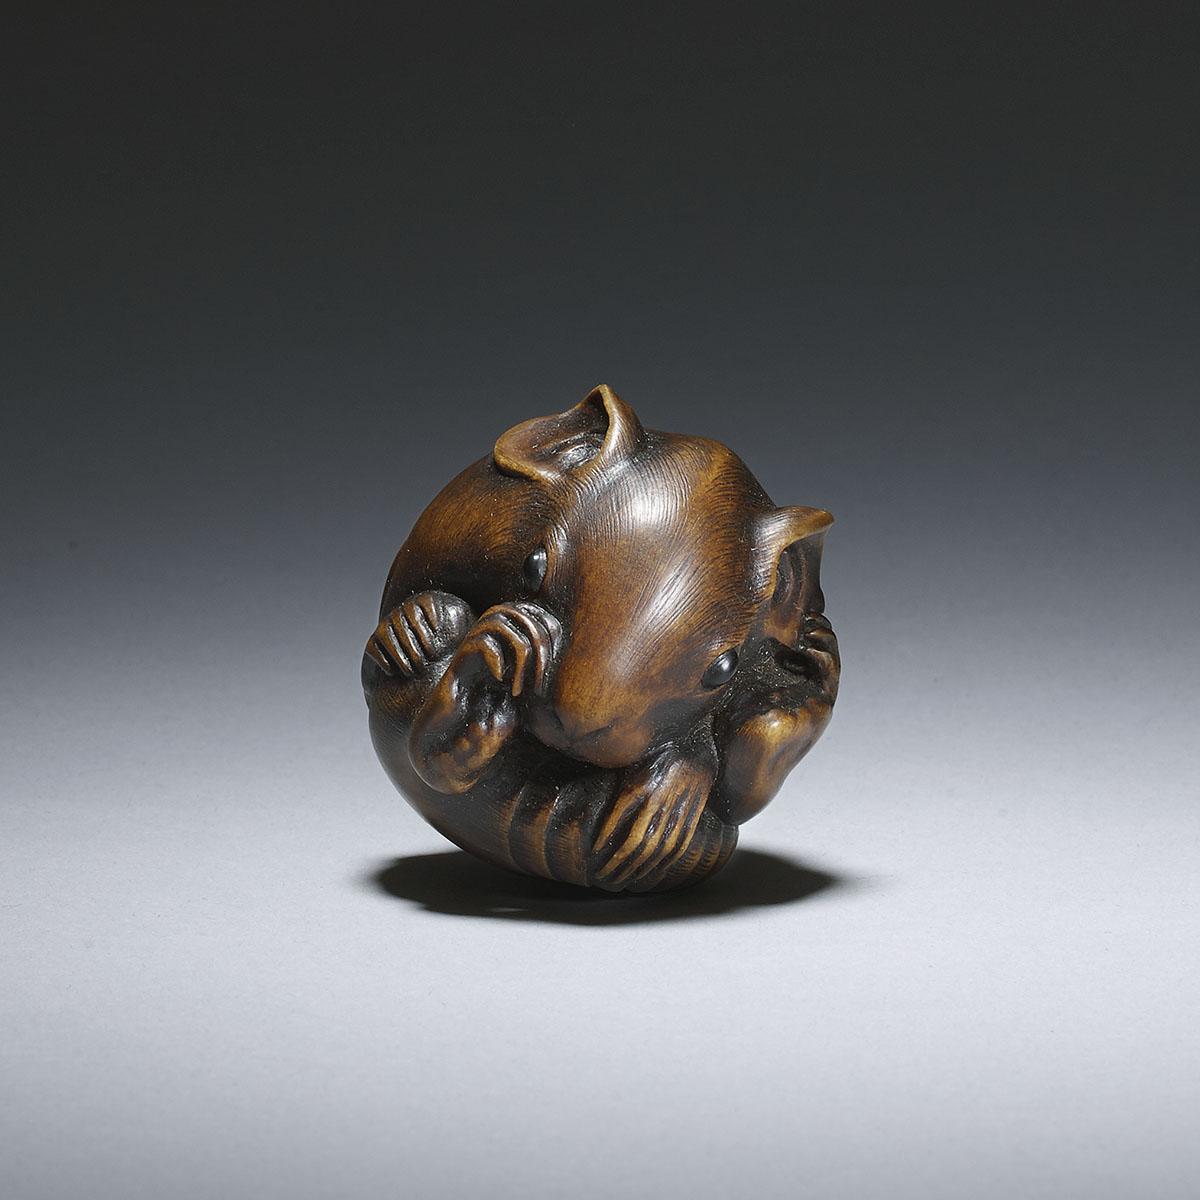 Masanao of Yamada, boxwood netsuke of a coiled rat